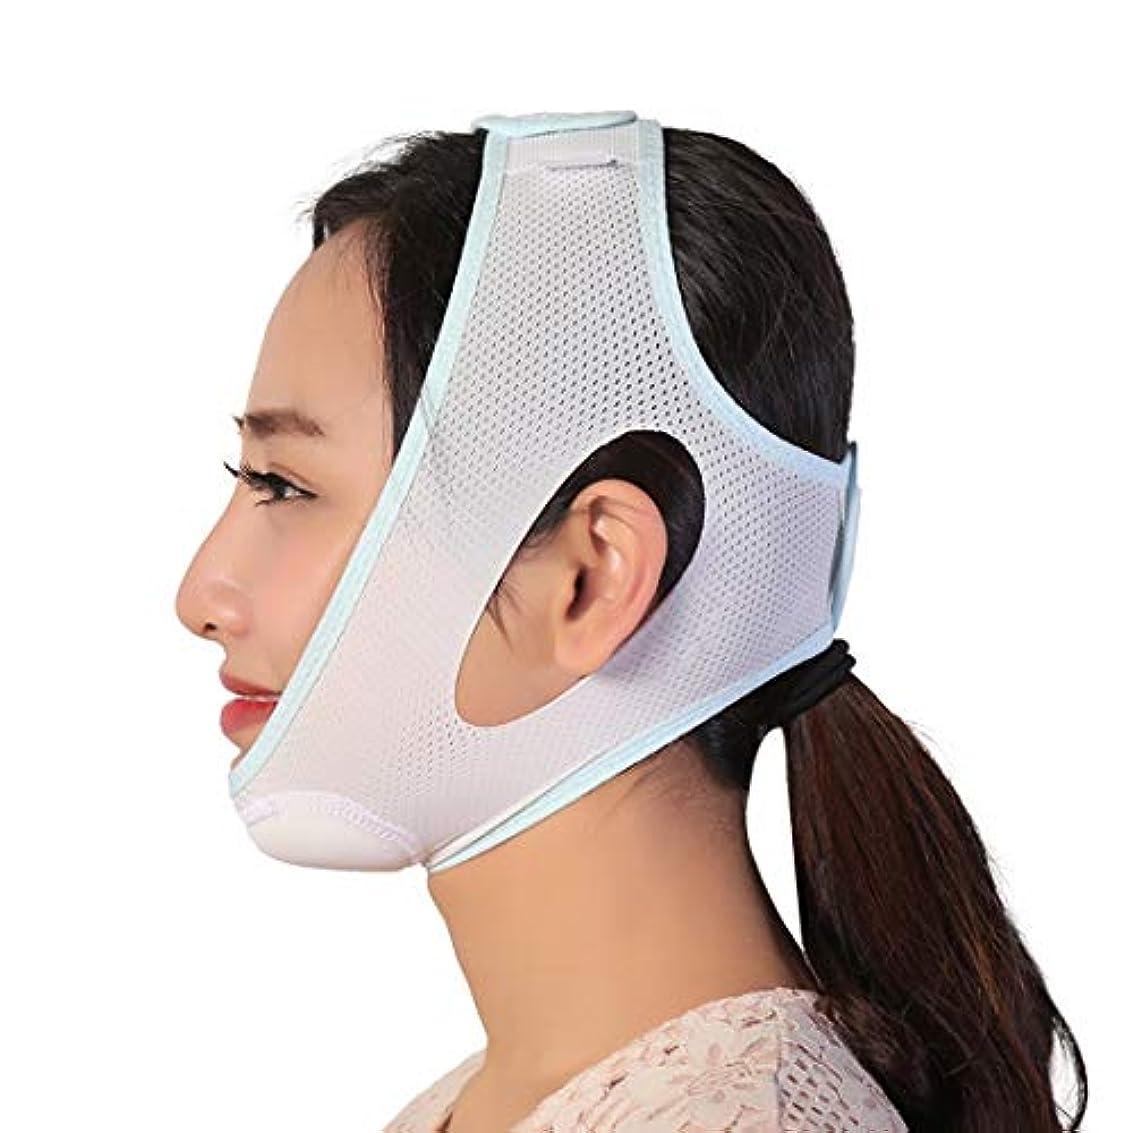 兵隊共産主義くそーZWBD フェイスマスク, 顔を持ち上げる包帯マスク包帯小v顔整形マスクフェイスリフトステッカーに法線二重あご線術後矯正ベルト (Size : L)